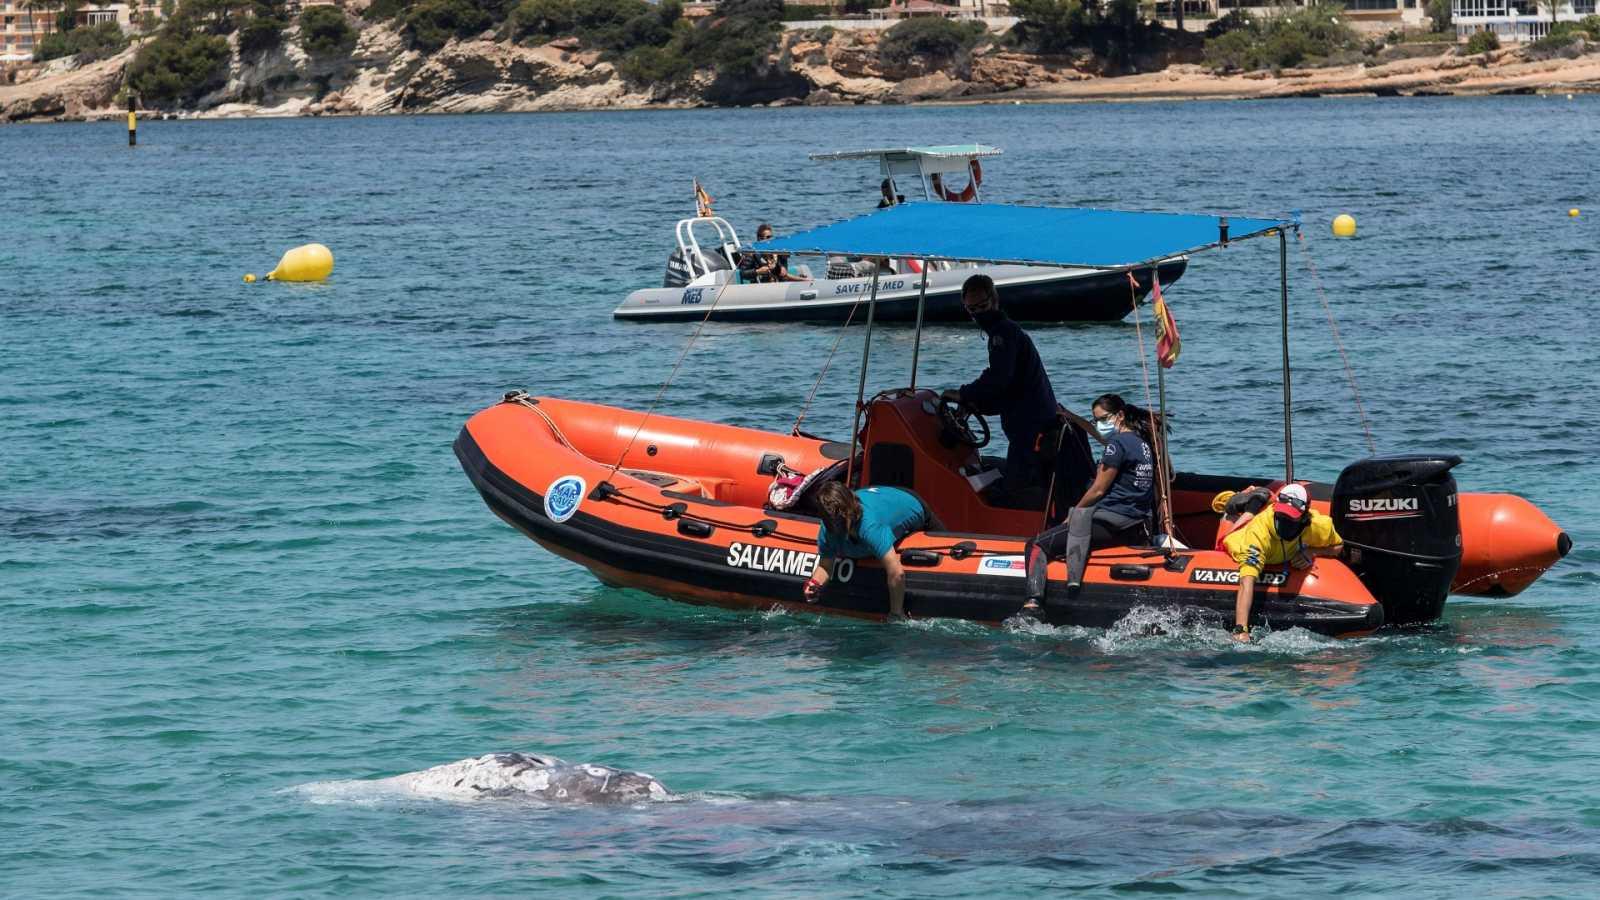 El calentamiento global podría haber favorecido a que la ballena Wally se perdiese en las aguas de Mallorca, según los científicos